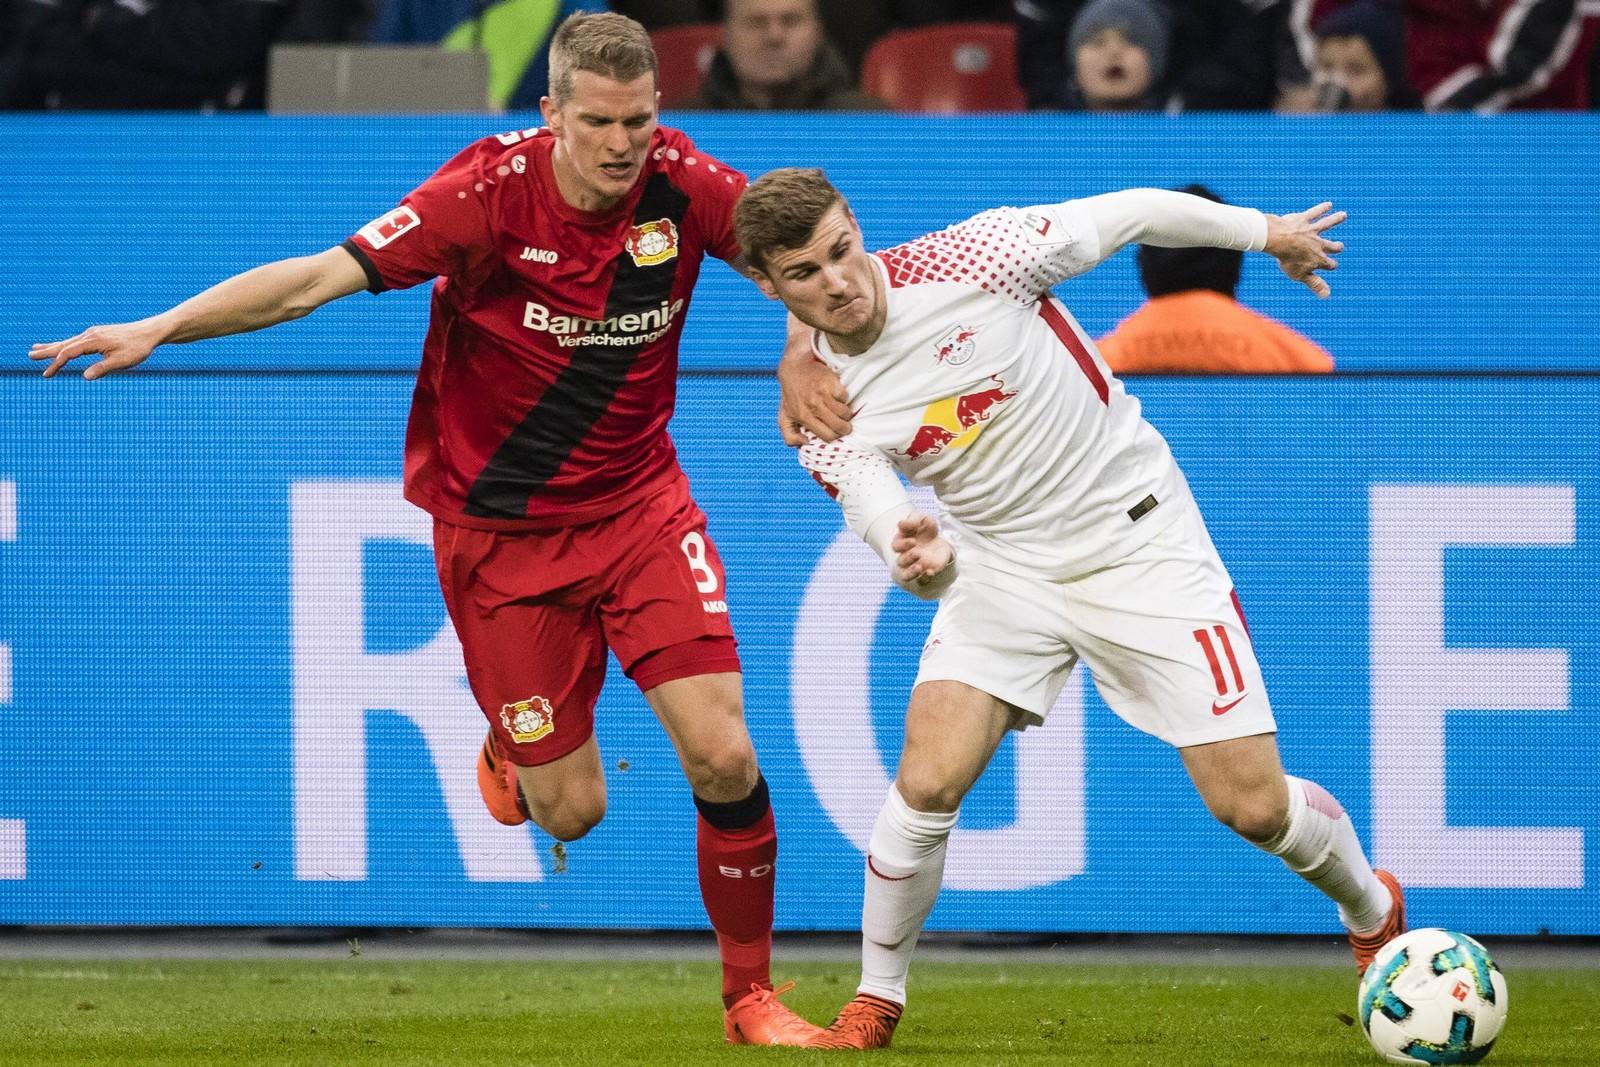 Gelingt Leverkusen nochmal ein Befreiungsschlag gegen Leipzig? Jetzt auf Leipzig gegen Leverkusen wetten!